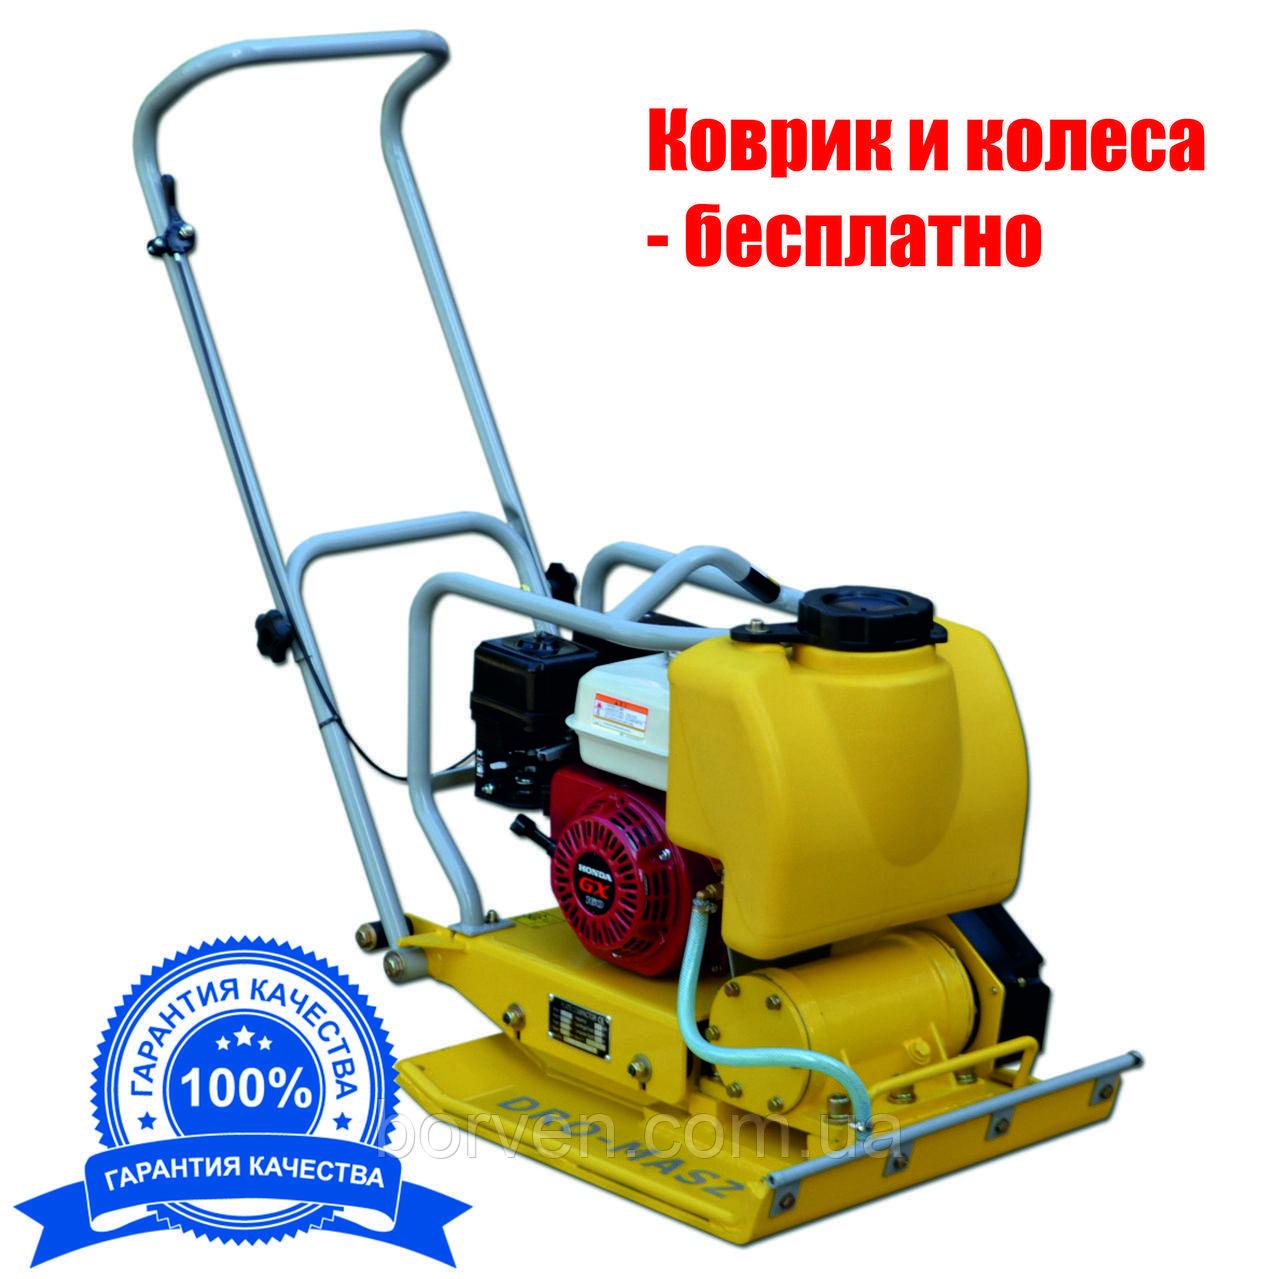 Виброплита Dro Masz DRB-120D, 120 kg, Loncin, Р